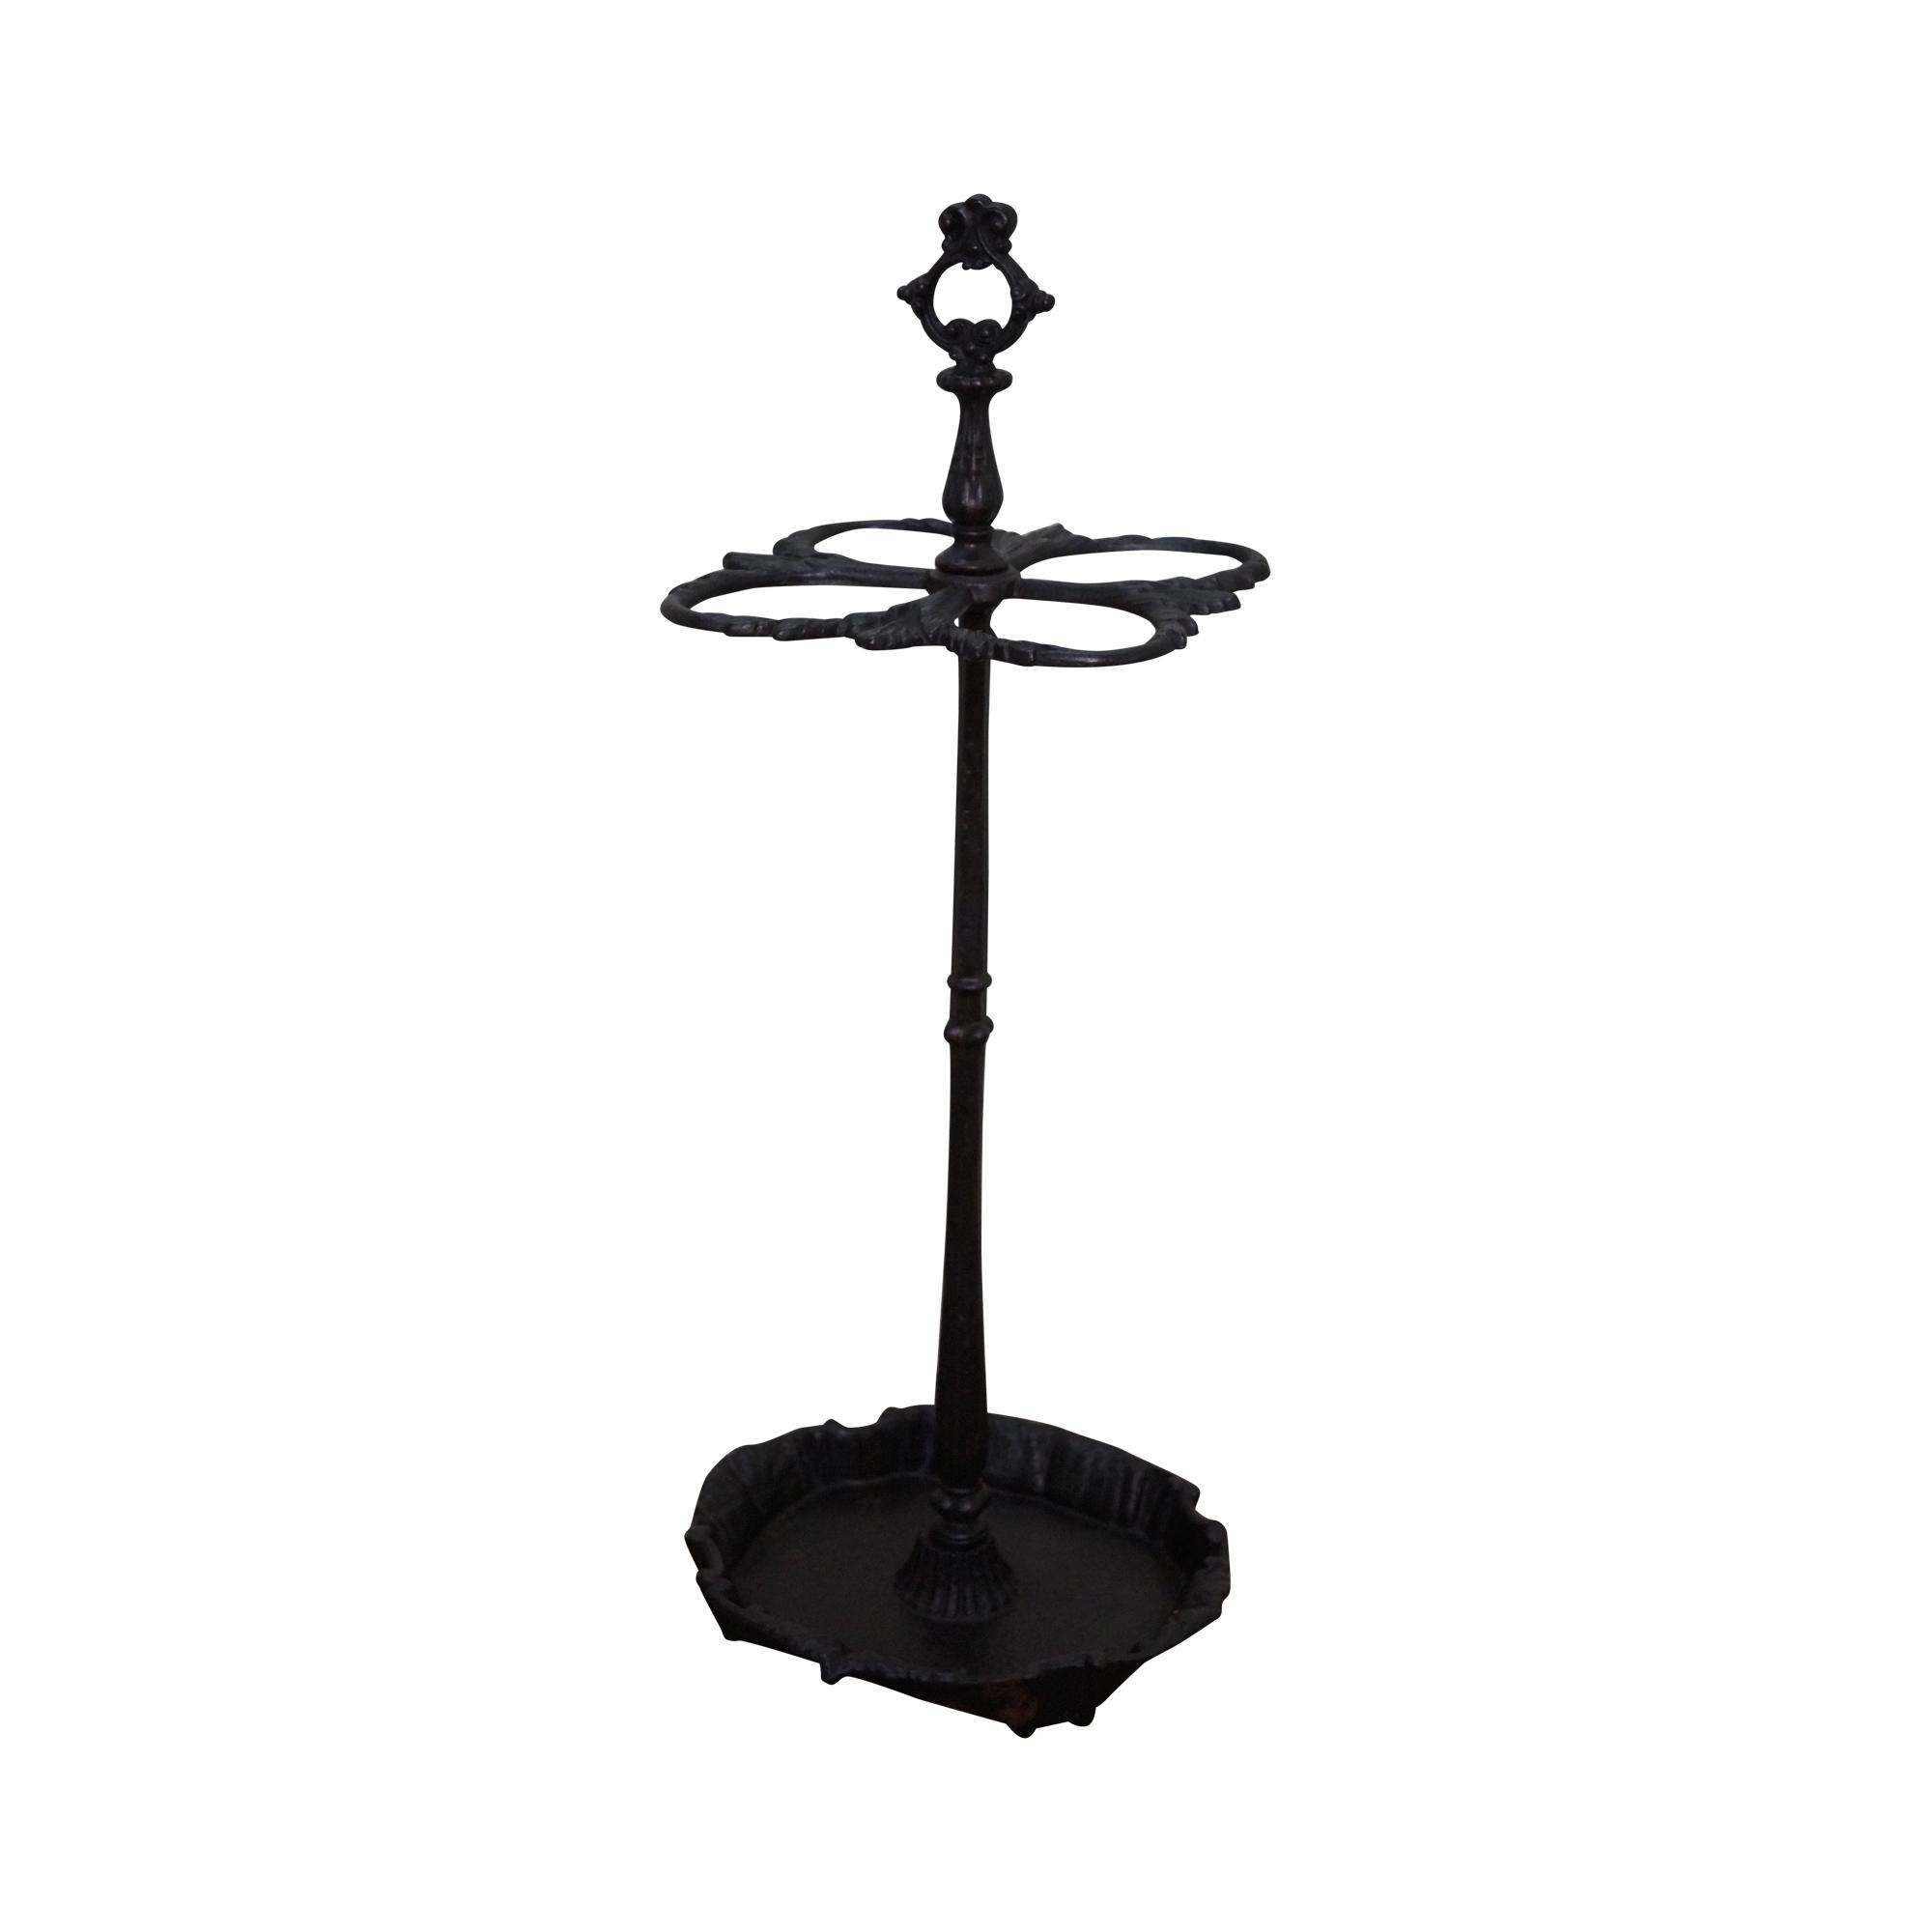 Umbrella Stand Ireland: Antique Victorian Iron Umbrella Stand